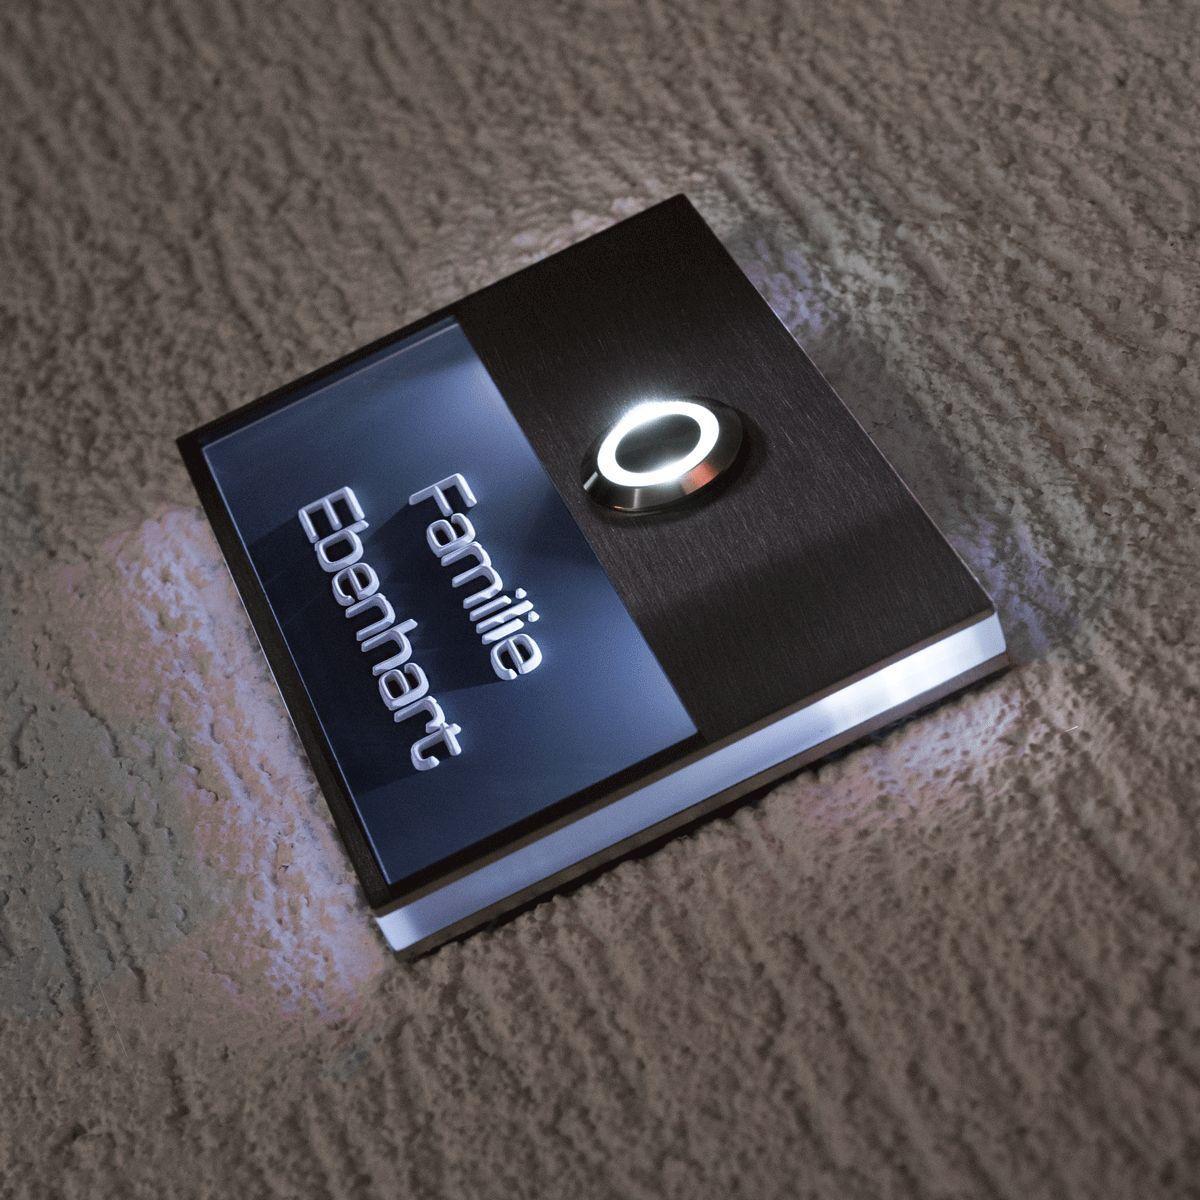 Anthrazit Klingelplatte LED Klingelknopf Haustürklingel Türklingel Edelstahl